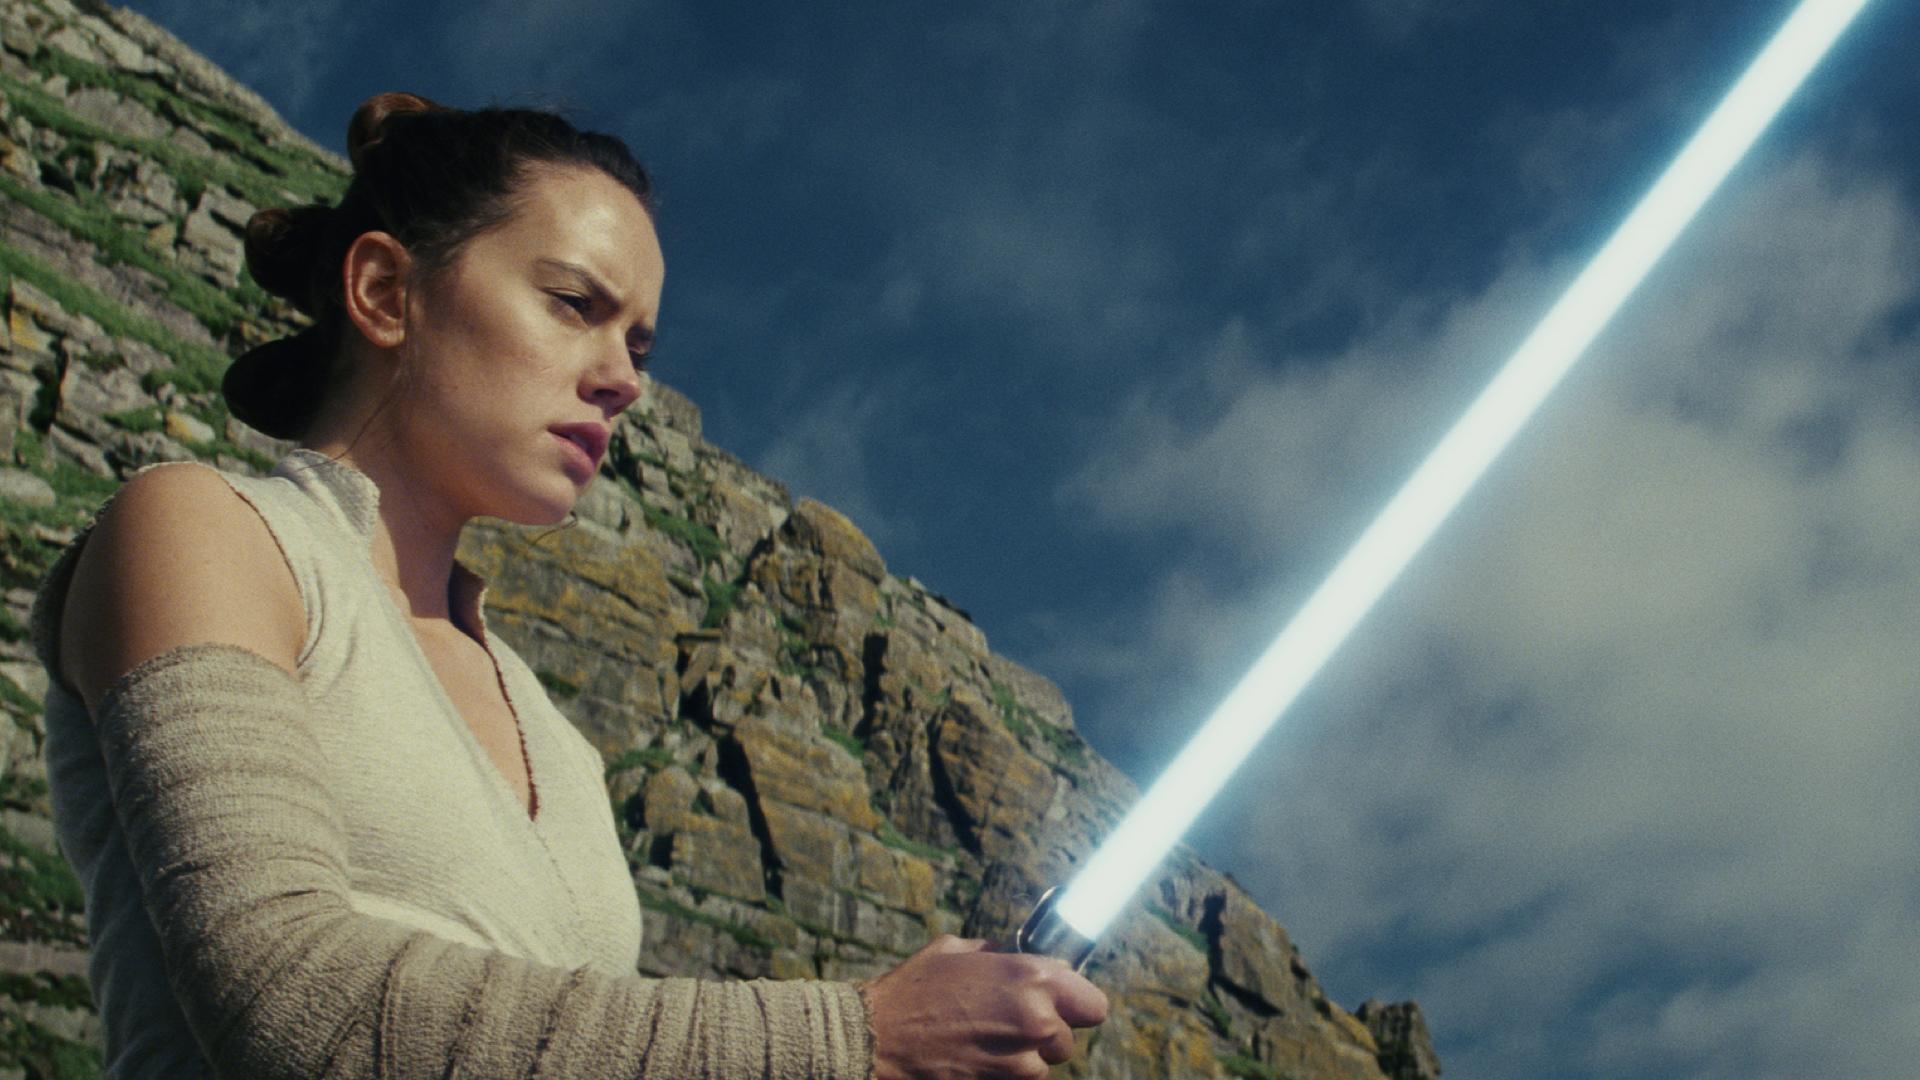 Star Wars - Die letzten Jedi: Viel Luke und zu viel Unfug - Rey mit Lichtschwert auf dem Weg zur Jedi-Ritterin (Bild: Disney/Lucasfilm)